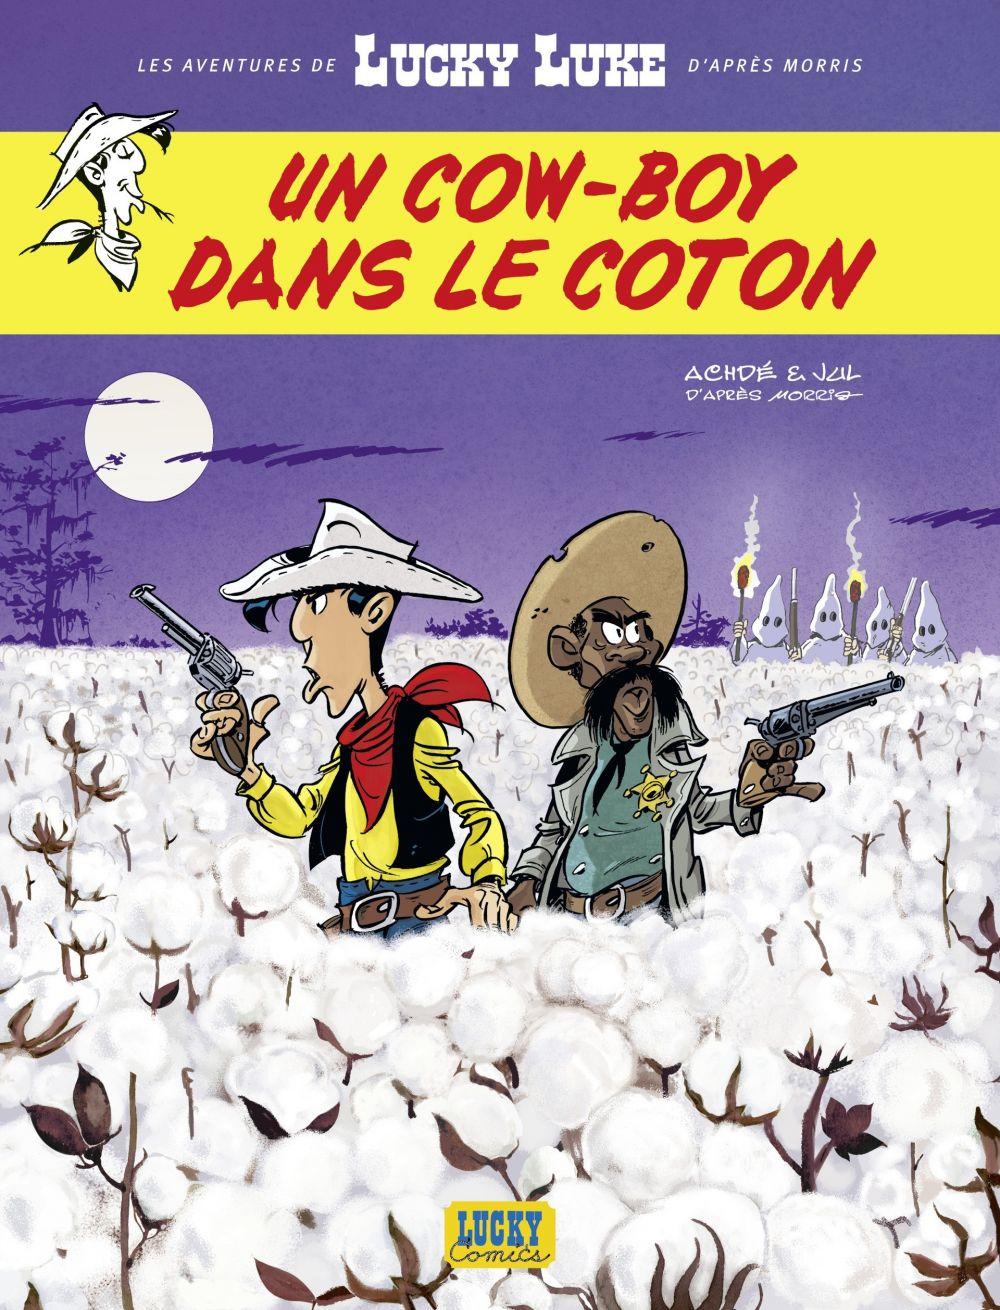 Les Aventures de Lucky Luke d'après Morris - tome 9 - Un cow-boy dans le coton | Jul (1974-....). Auteur